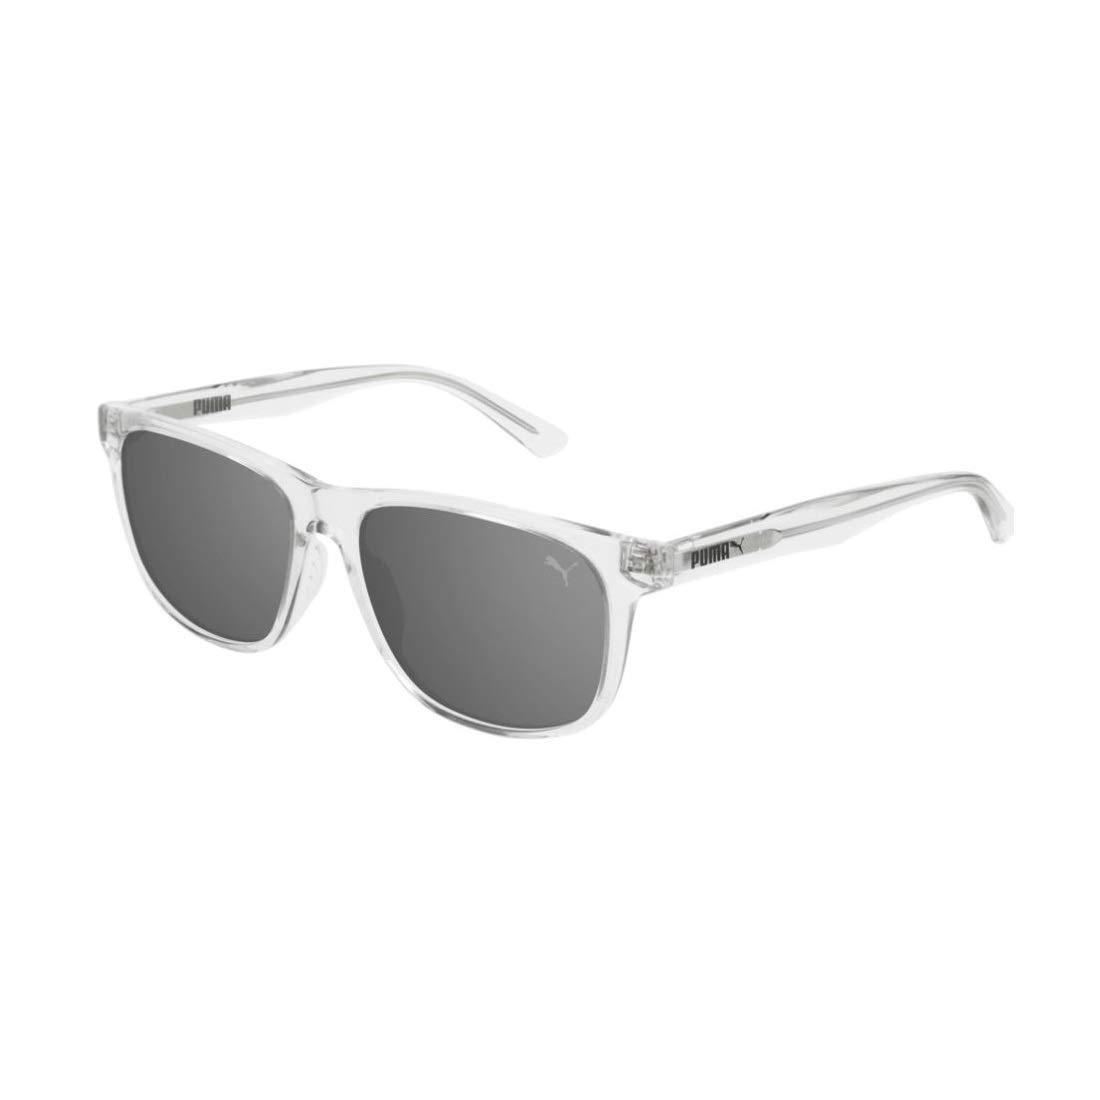 Puma Junior Gafas de Sol, Transparente Crystal/Silver, 52.0 ...